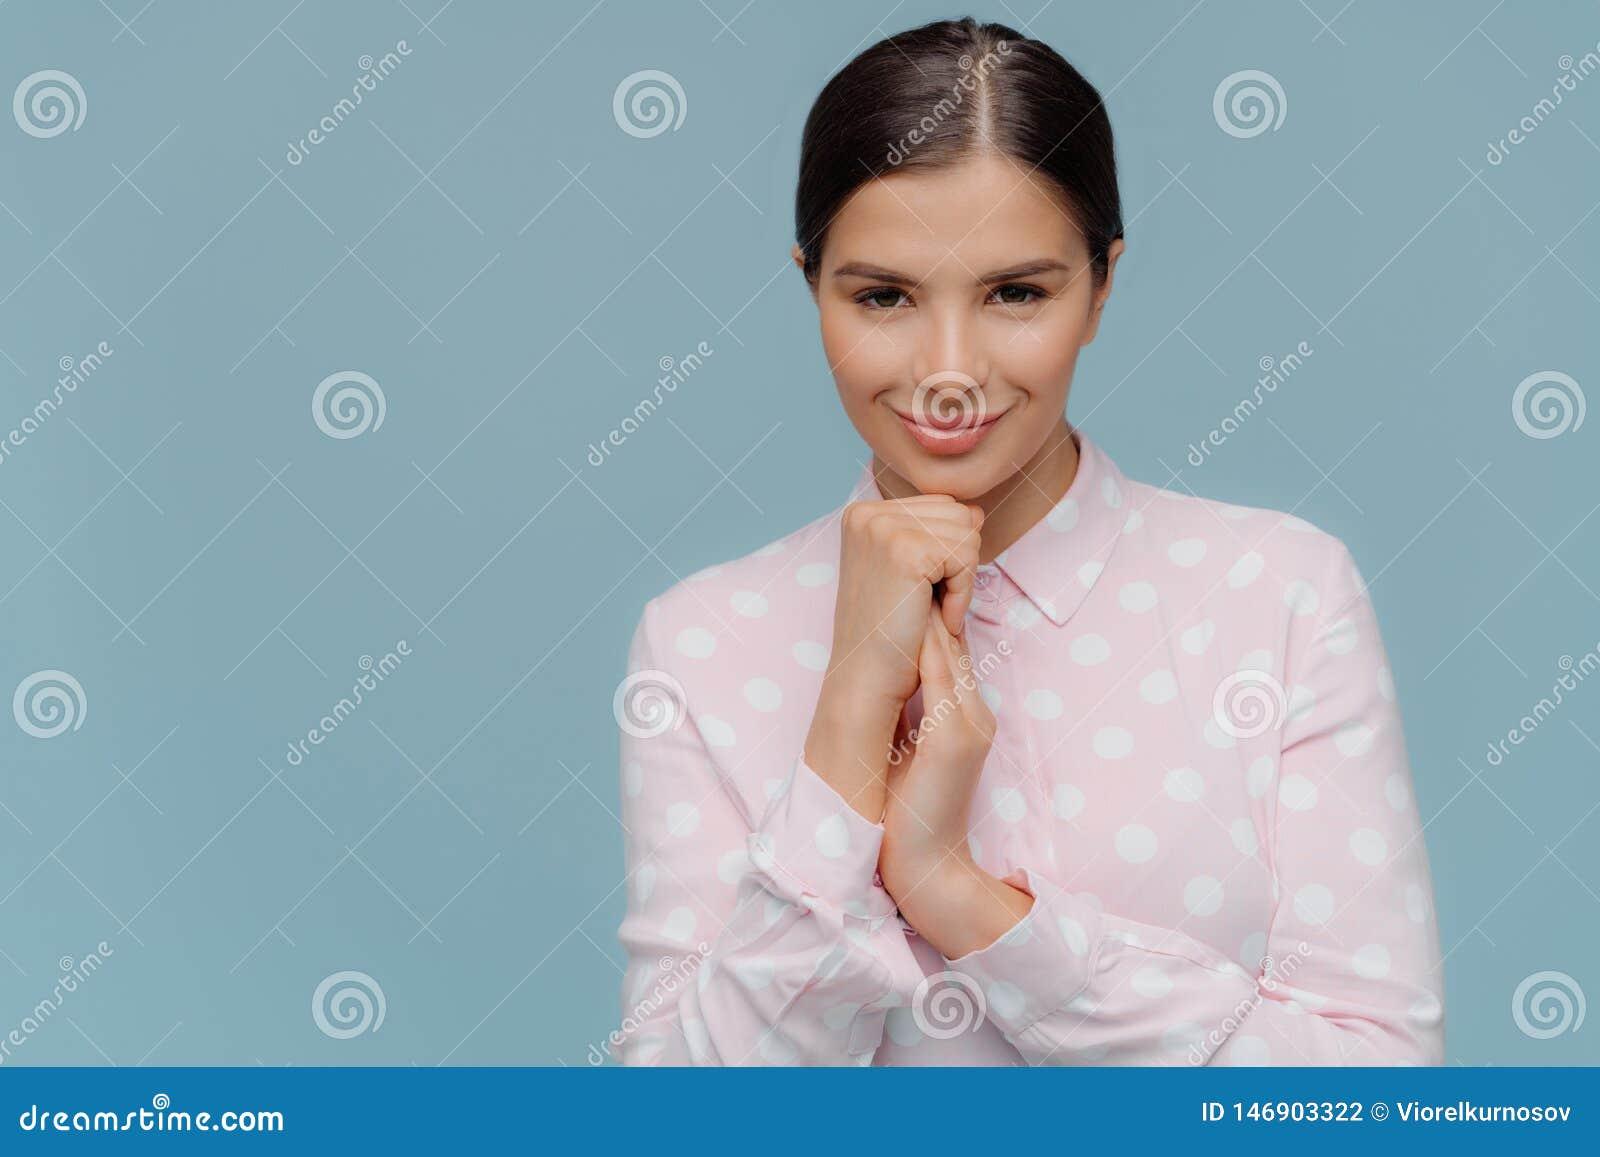 Zufriedene überzeugte reizende Frau mit Lächeln auf Gesicht, hält Hände nahe Kinn, betrachtet Kamera, hat dunkles gekämmtes Haar,